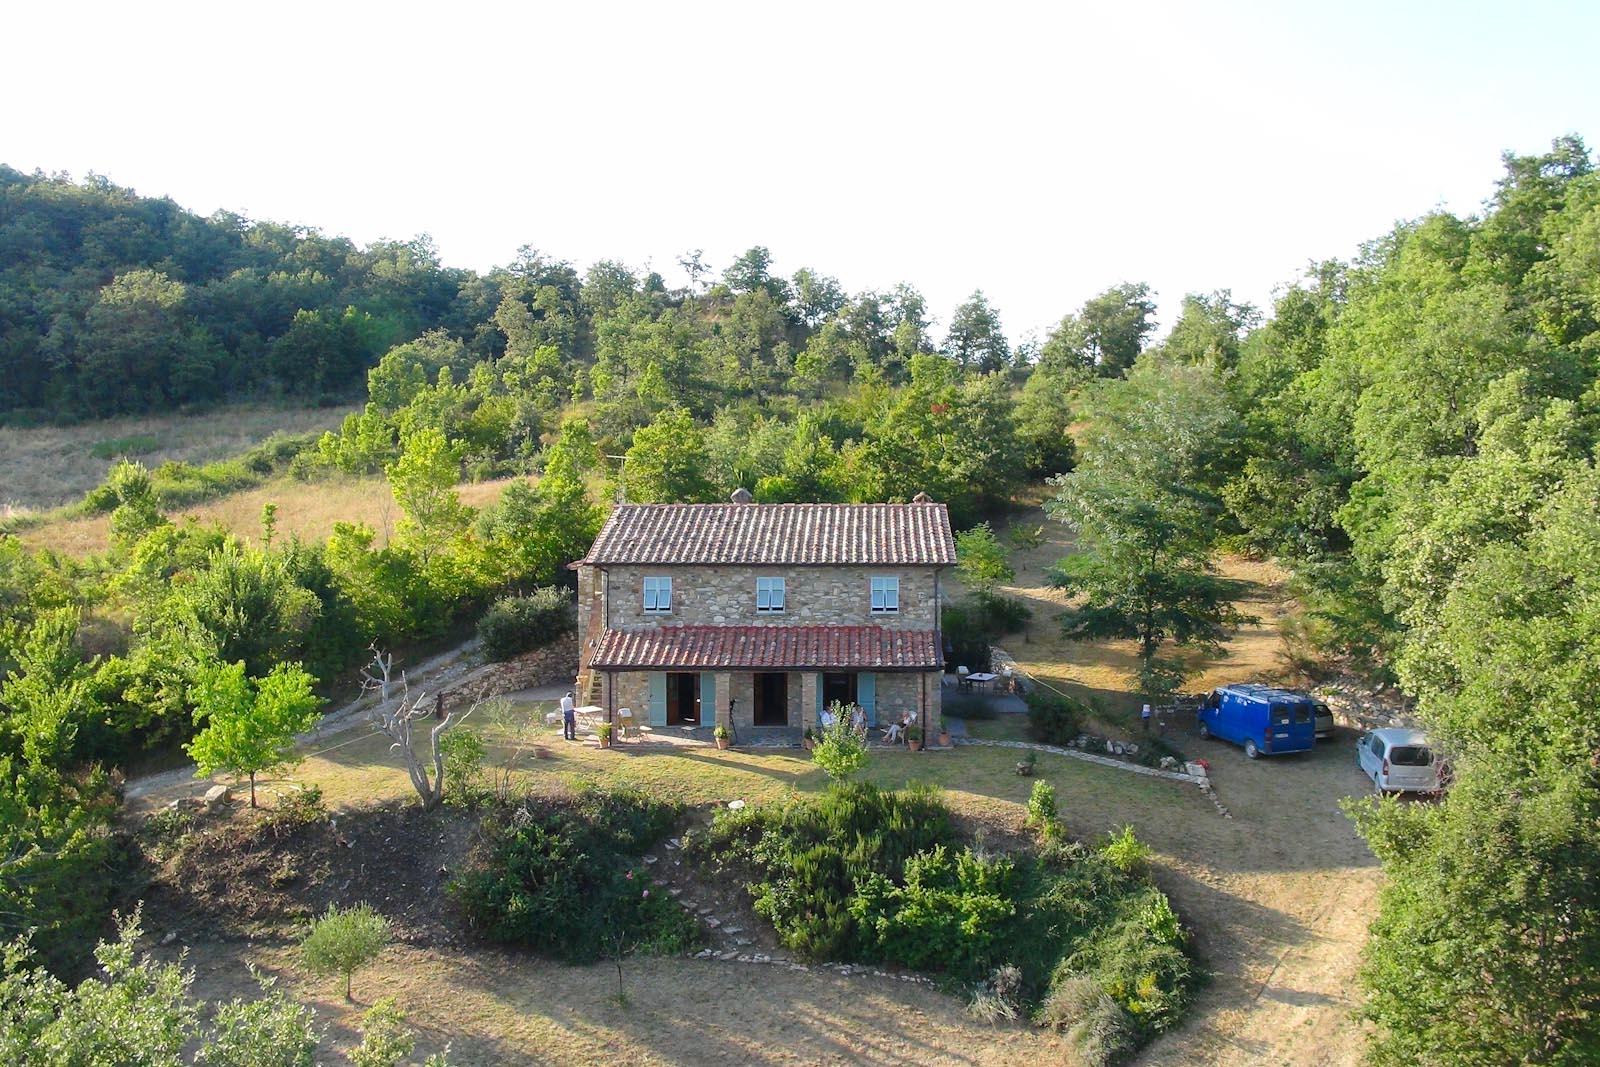 La casa di campagna con il portico e il giardino circostante